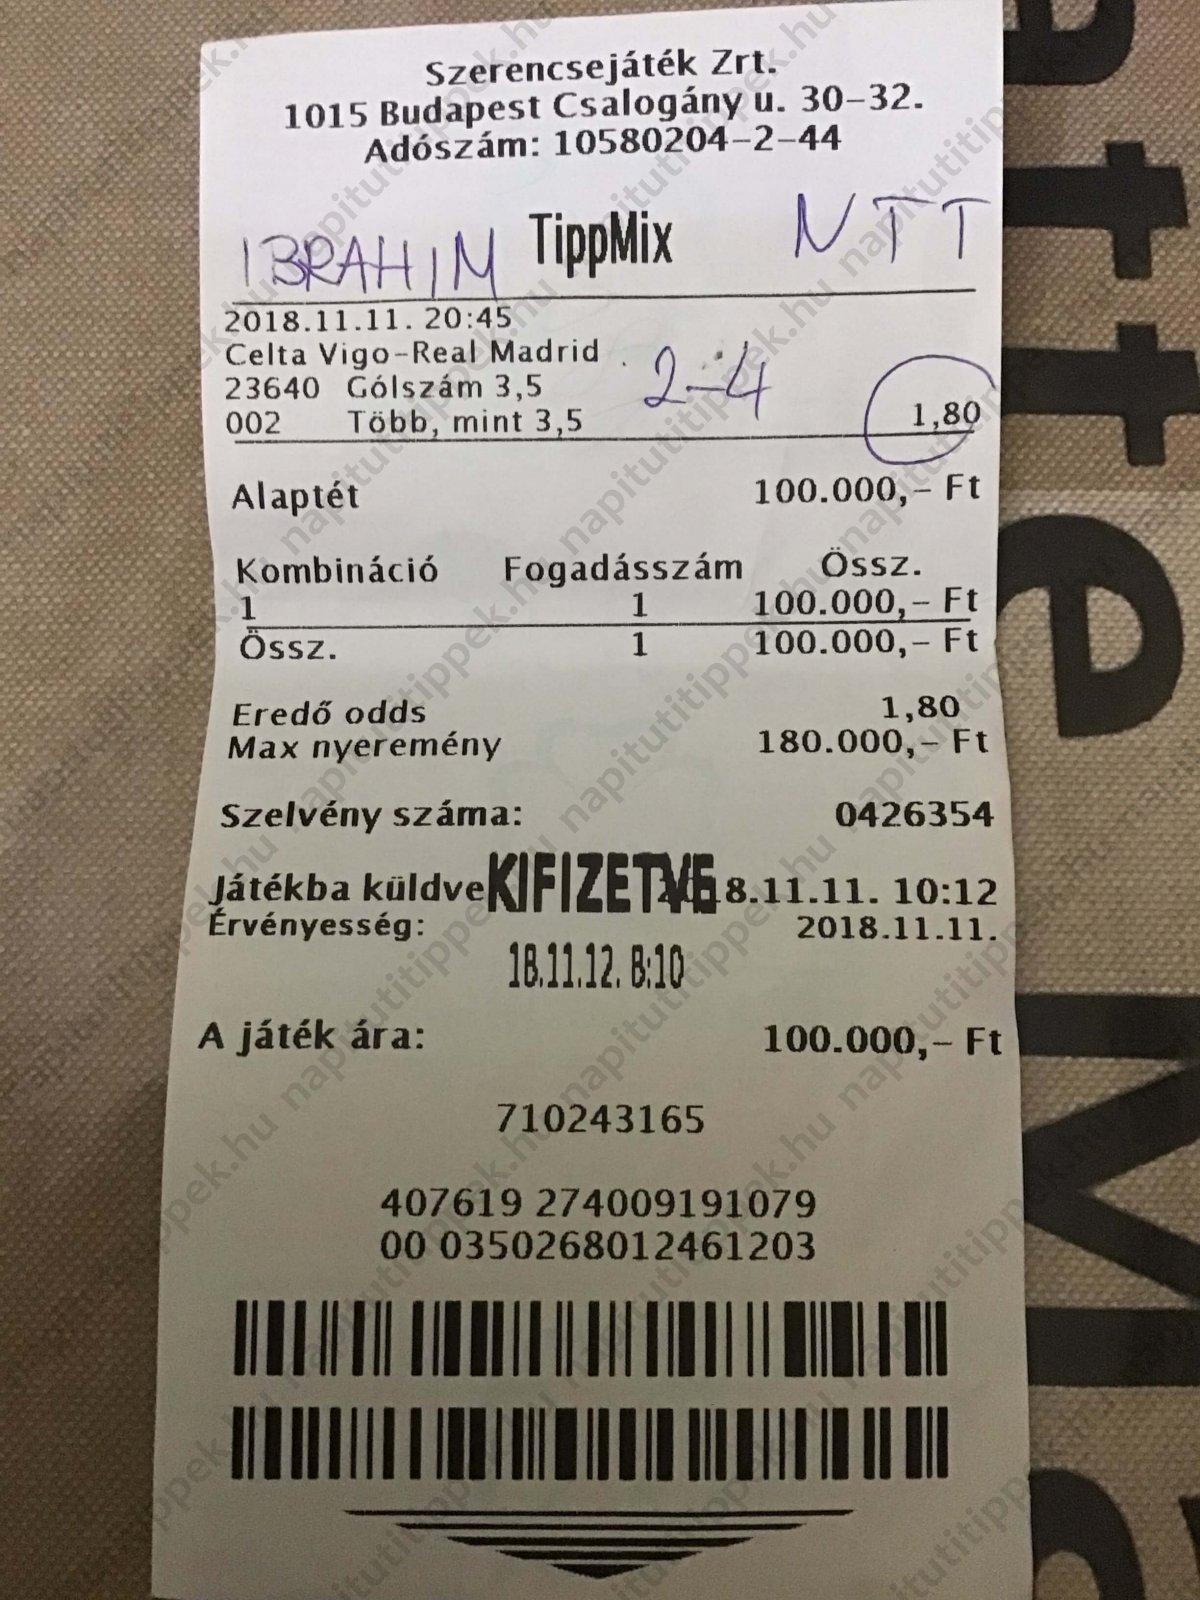 Tippmix Tippek komplett szelvényötletek: Tippmix tippek, mérkőzés elemzések, statisztikai adatok. Napi ingyenes tippek. Csatlakozz Magyarország legsikeresebb sportfogadó csapatához!